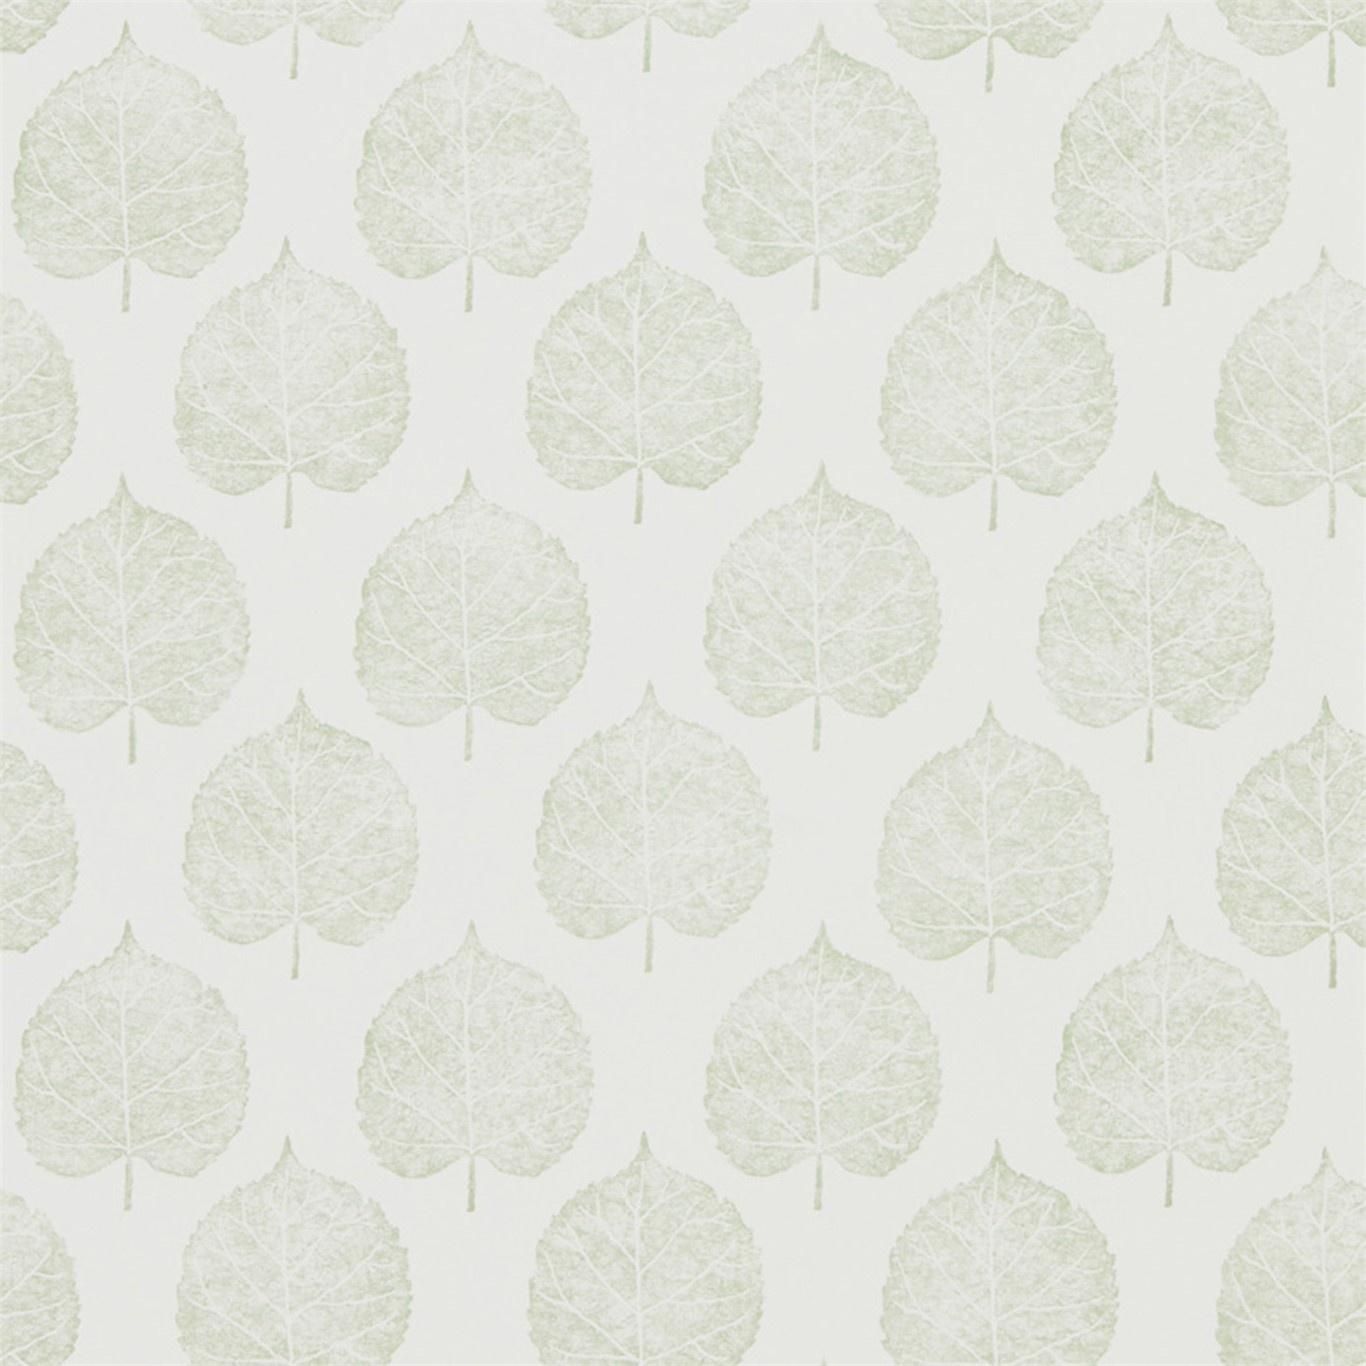 Image of Sanderson Home Lyme Leaf Celadon Wallpaper 216383